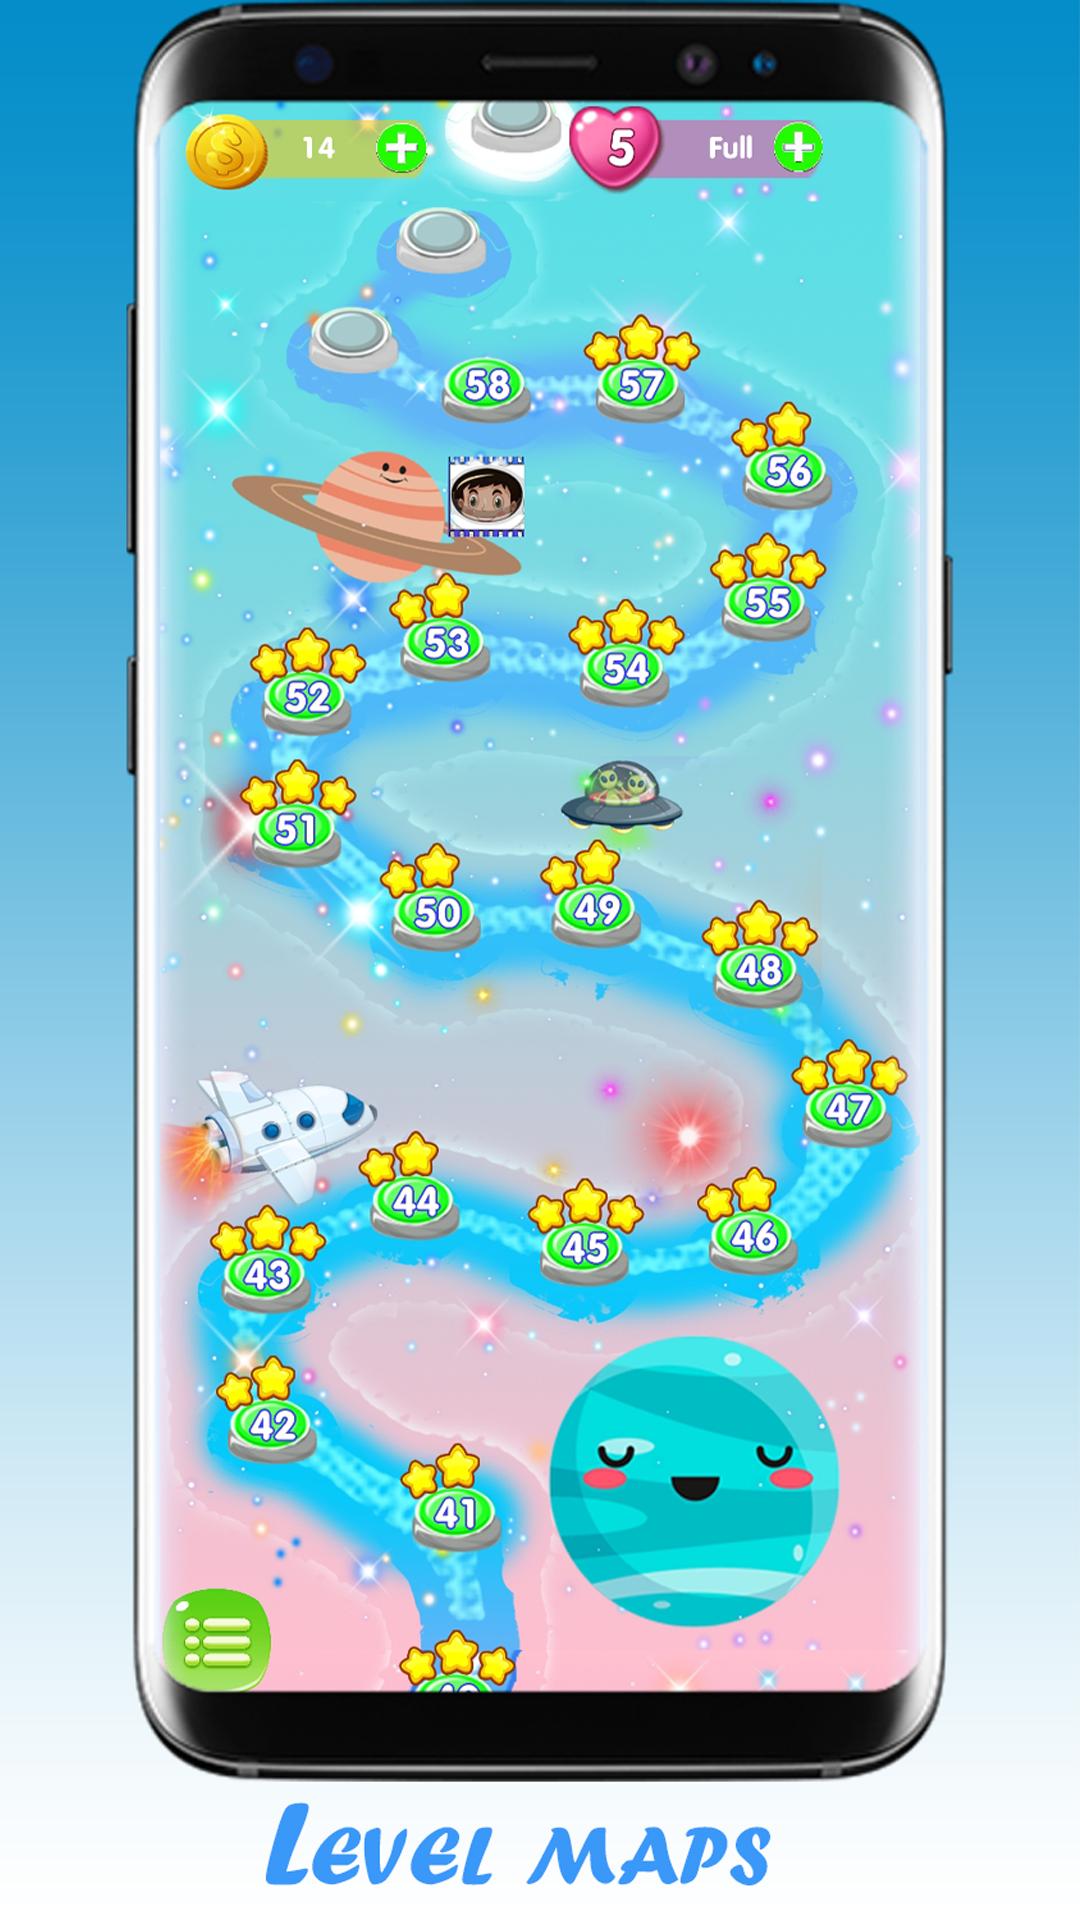 تحميل لعبة Planet shooter : Catch aliens بالمجان  ScreenShot_20200731024214220_1080_1920_8